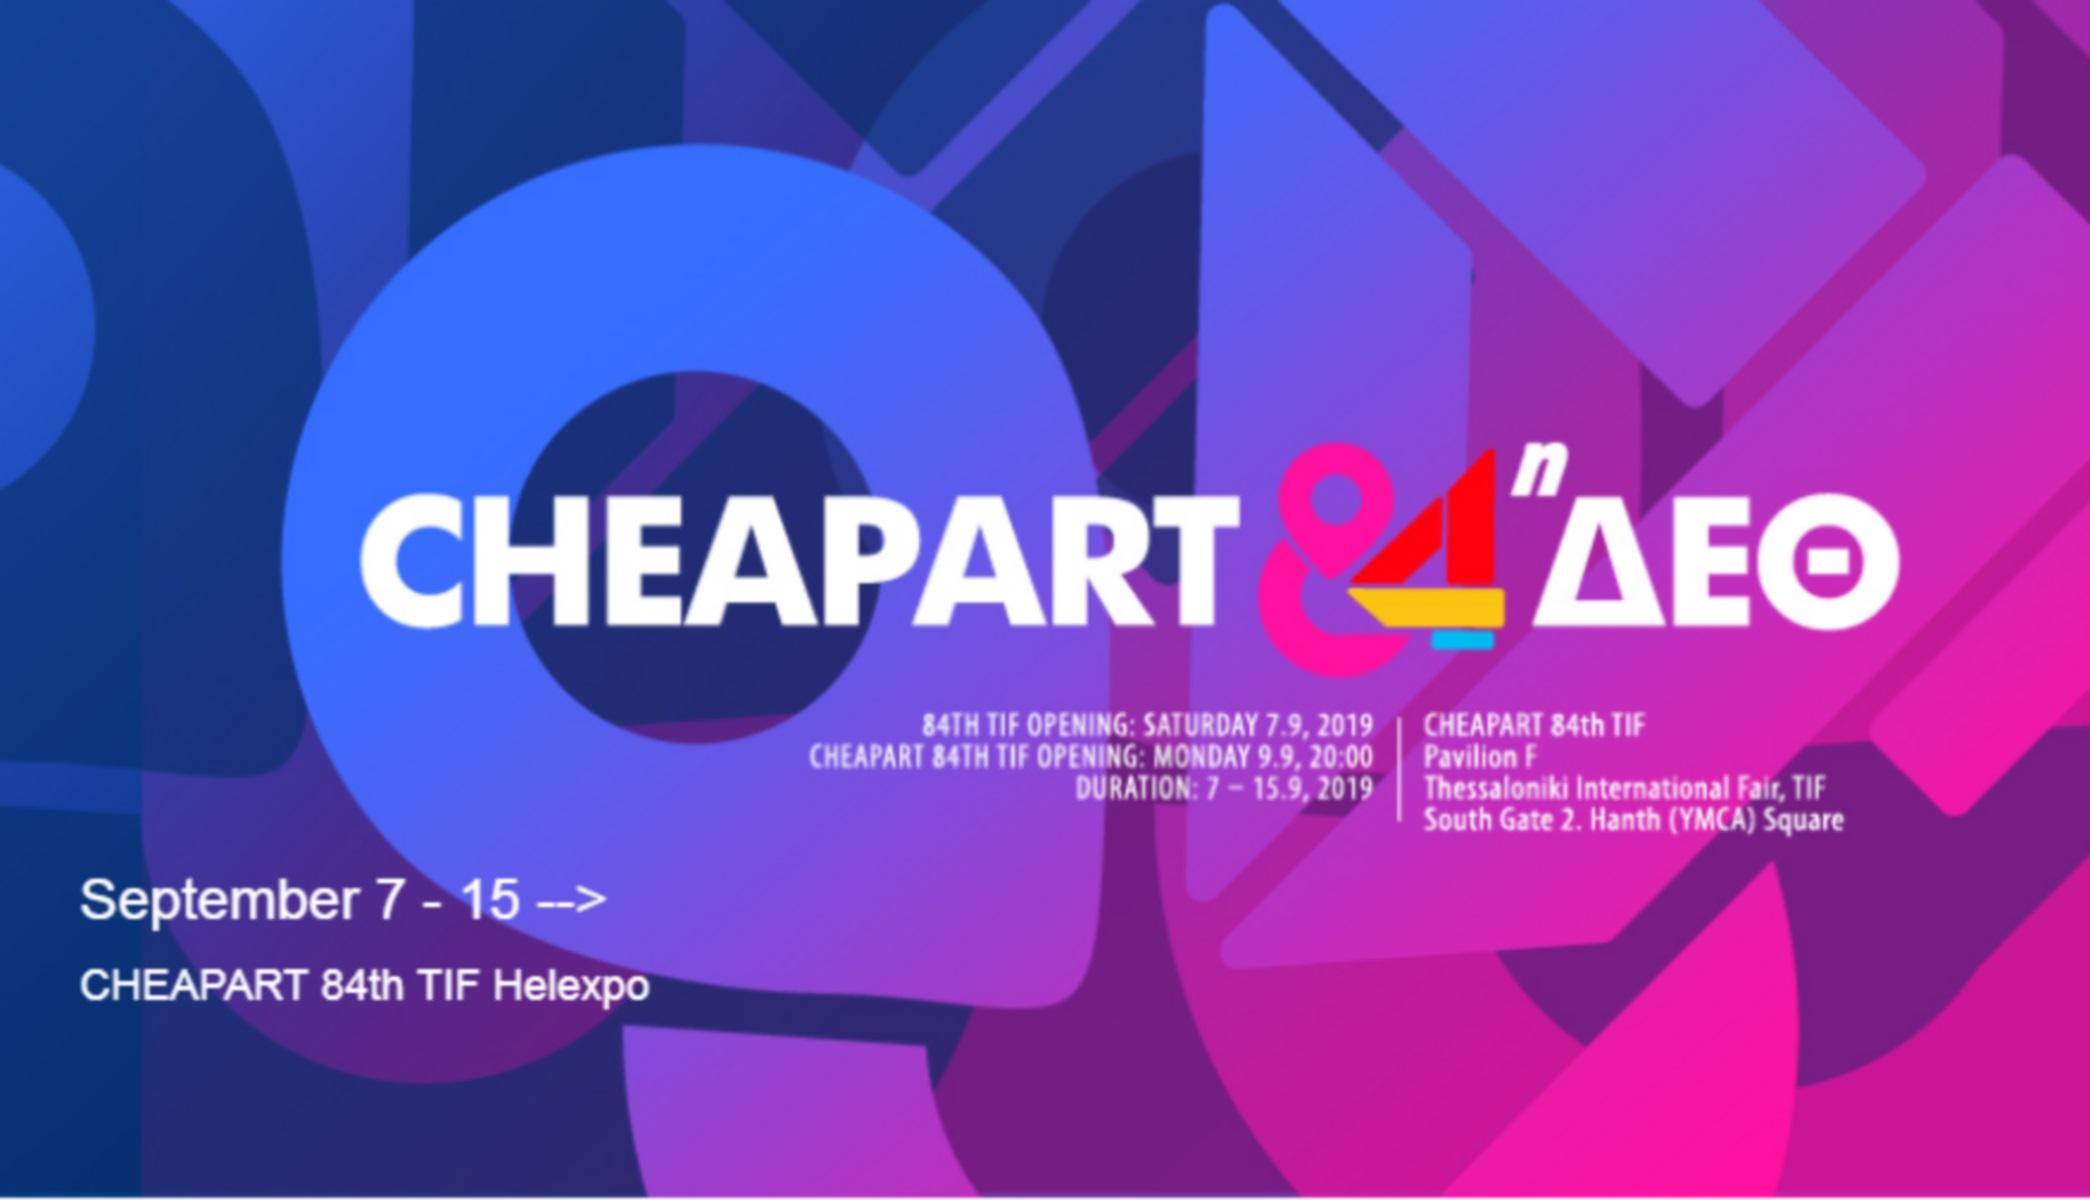 ΔΕΘ 2019: Η CHEAPART στην 84η έκθεση